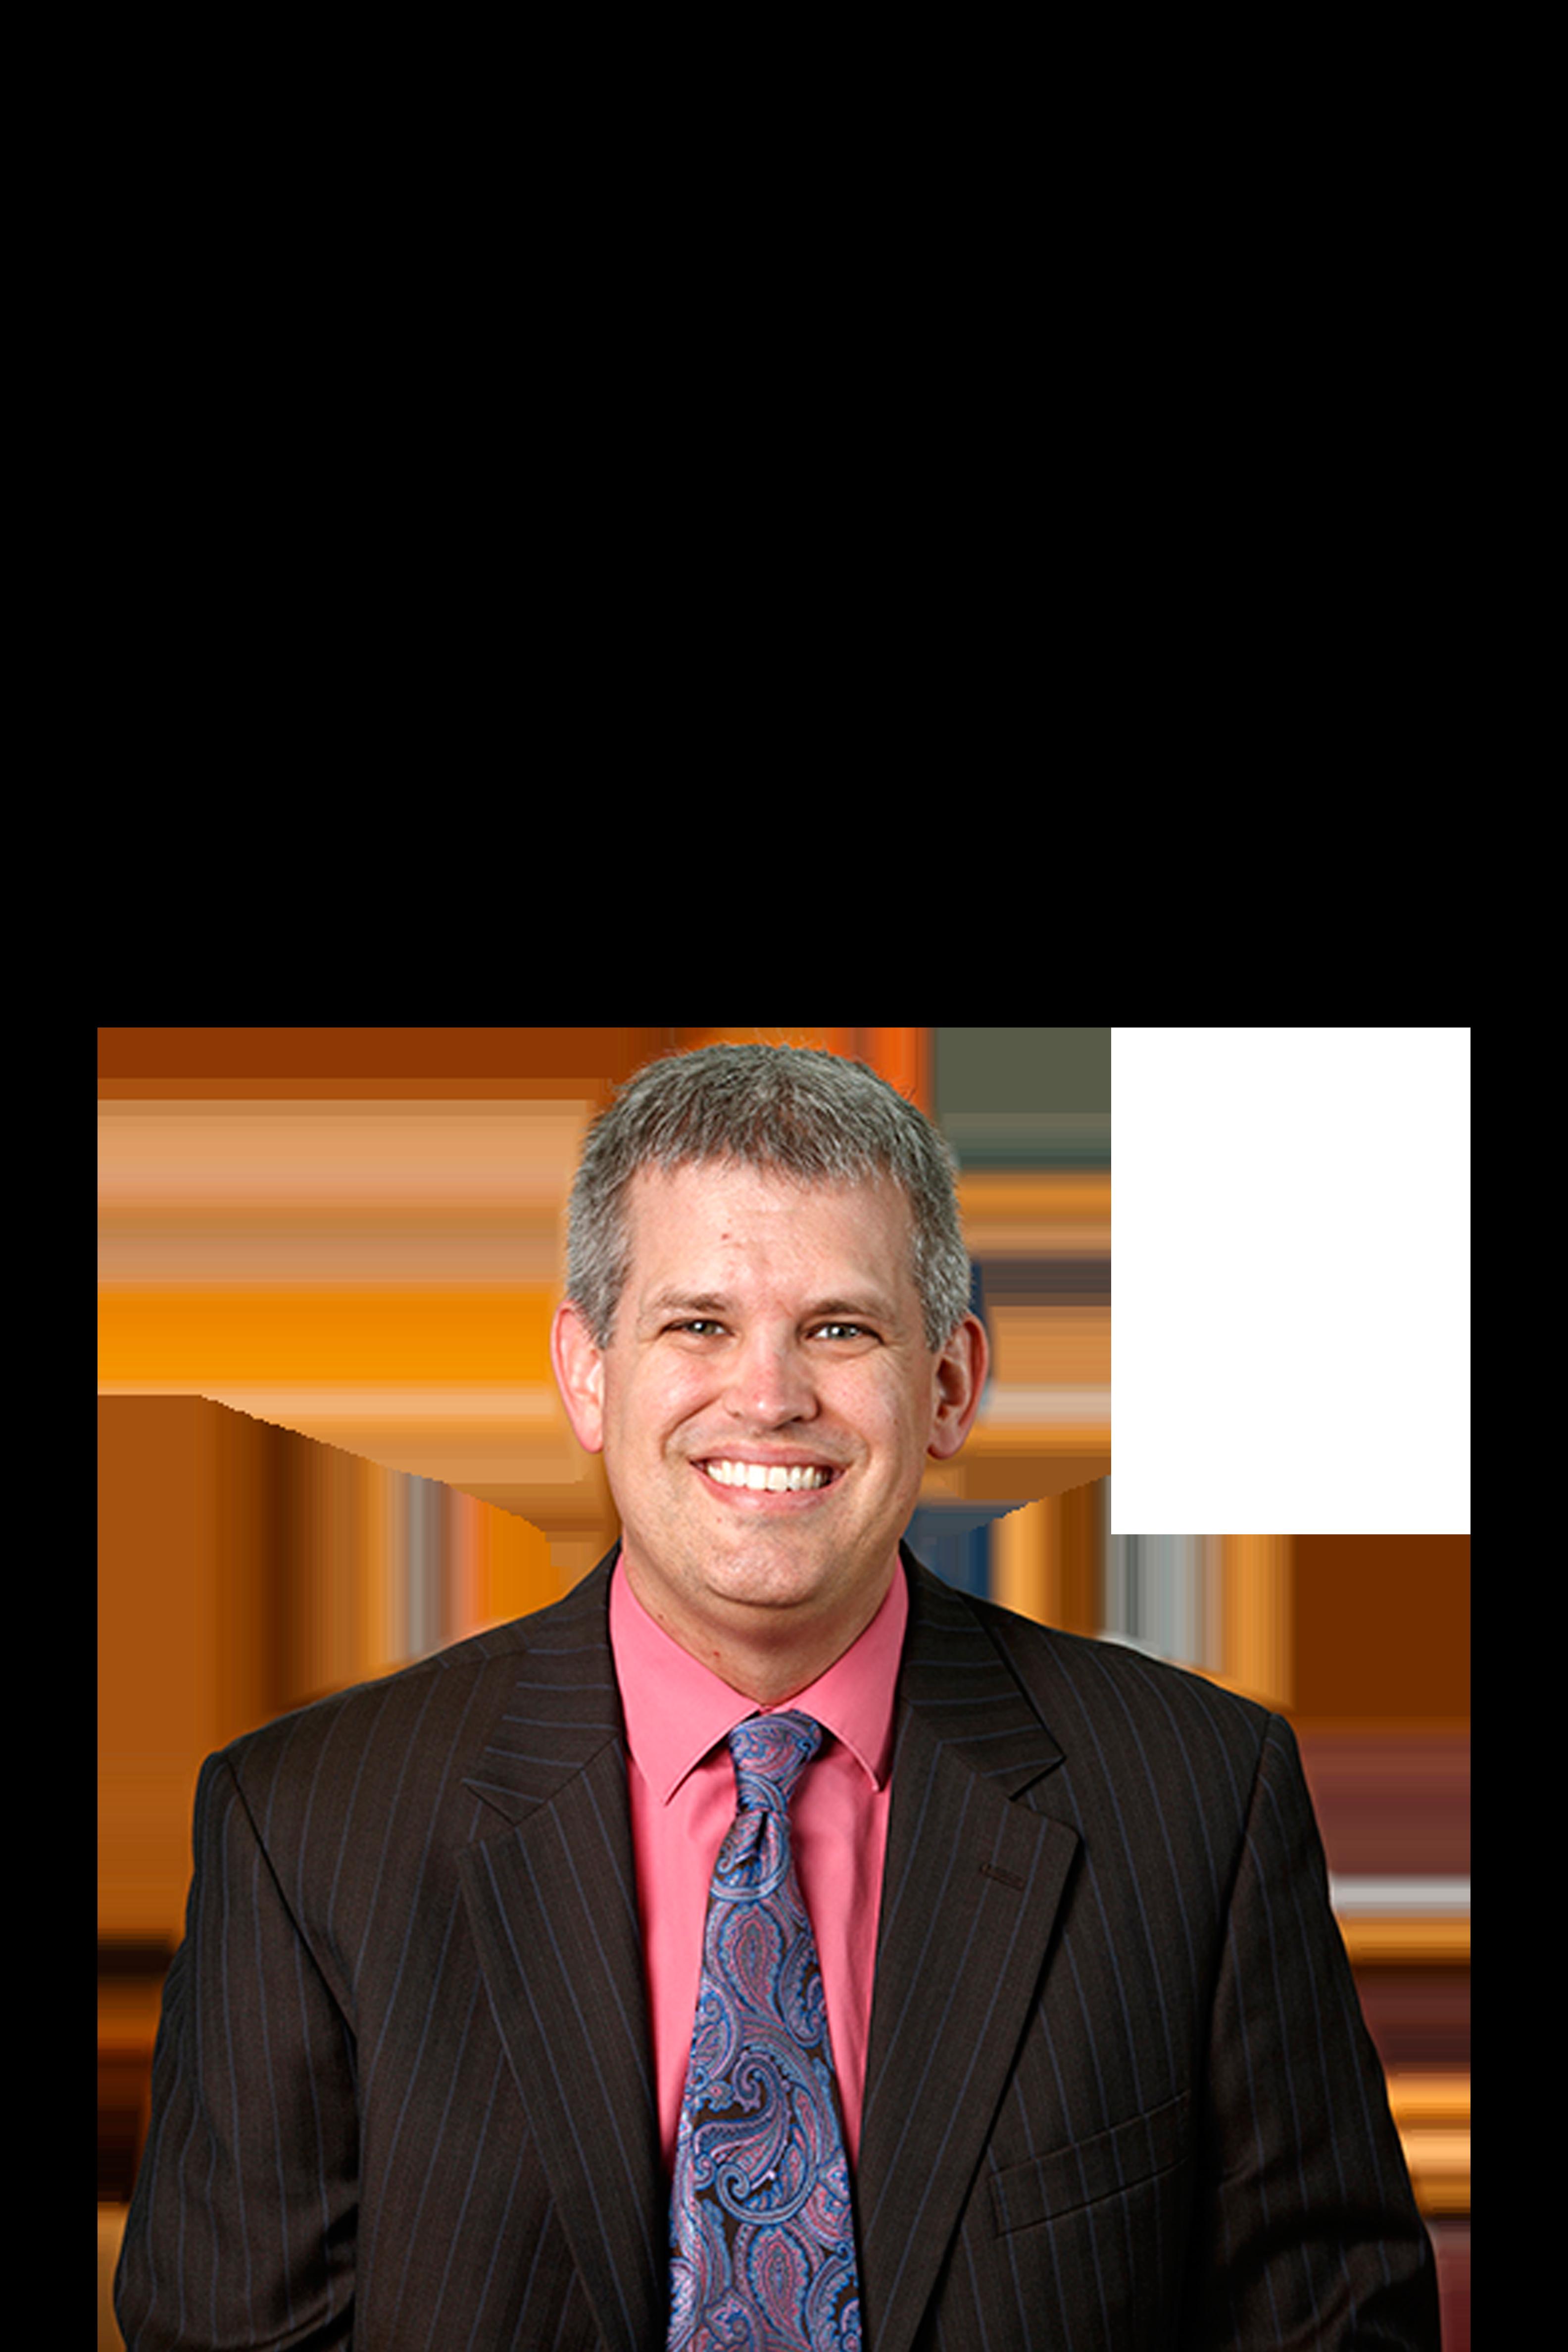 Brett Stohs